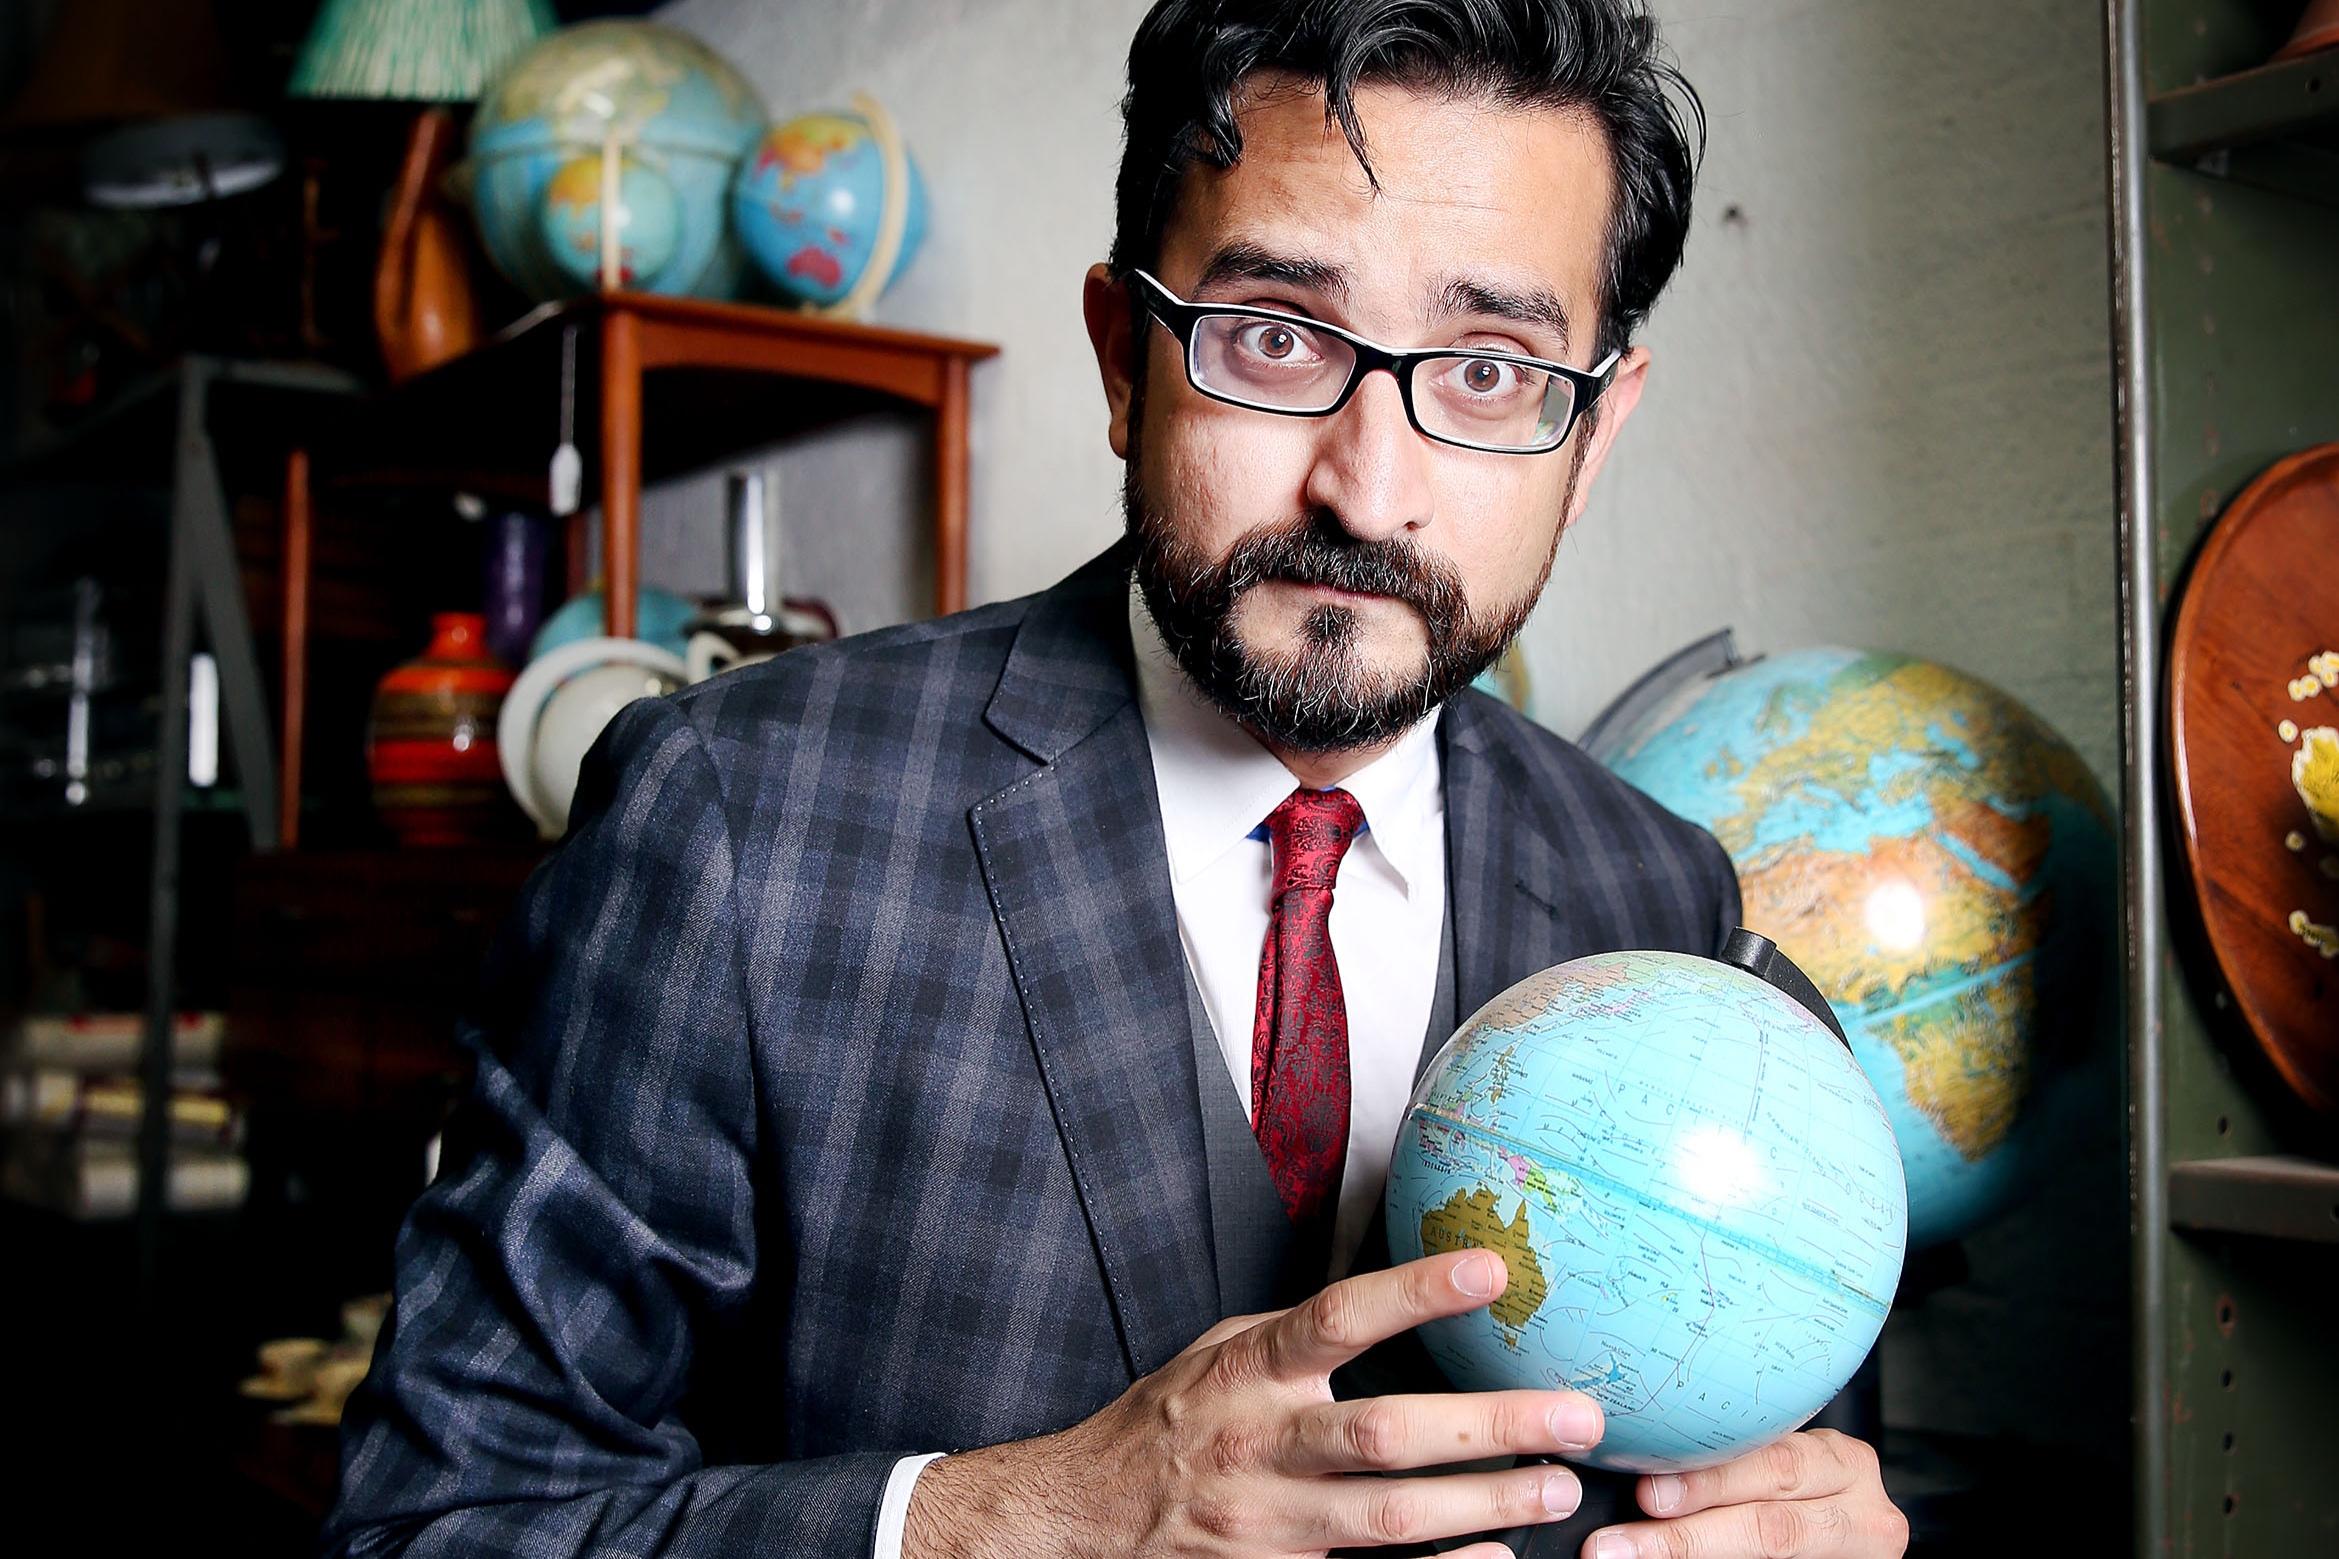 Sami+Shah.jpg